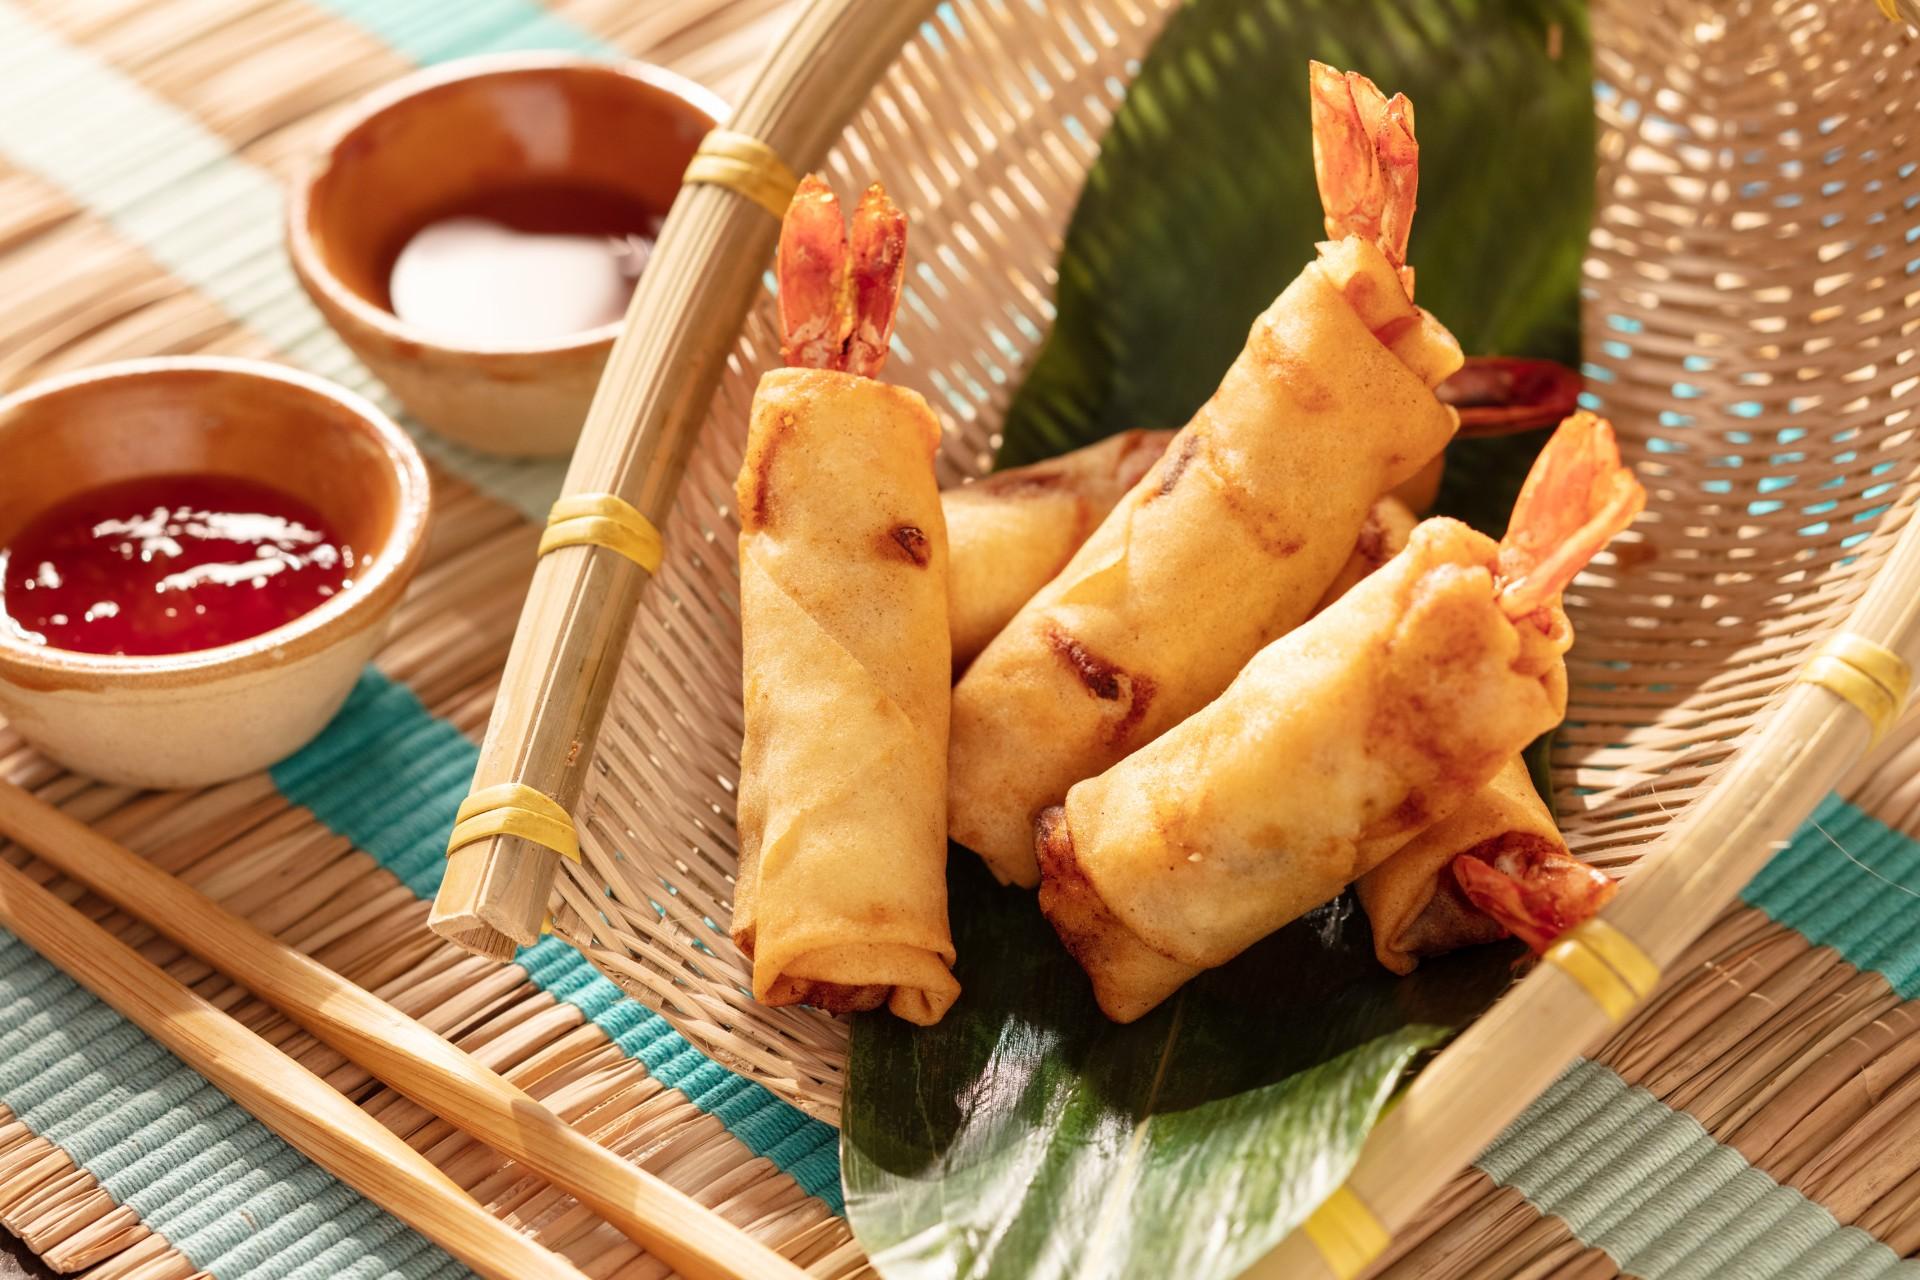 alva-dining-western-snacks-viet-shrimp-vegetable-spring-rolls